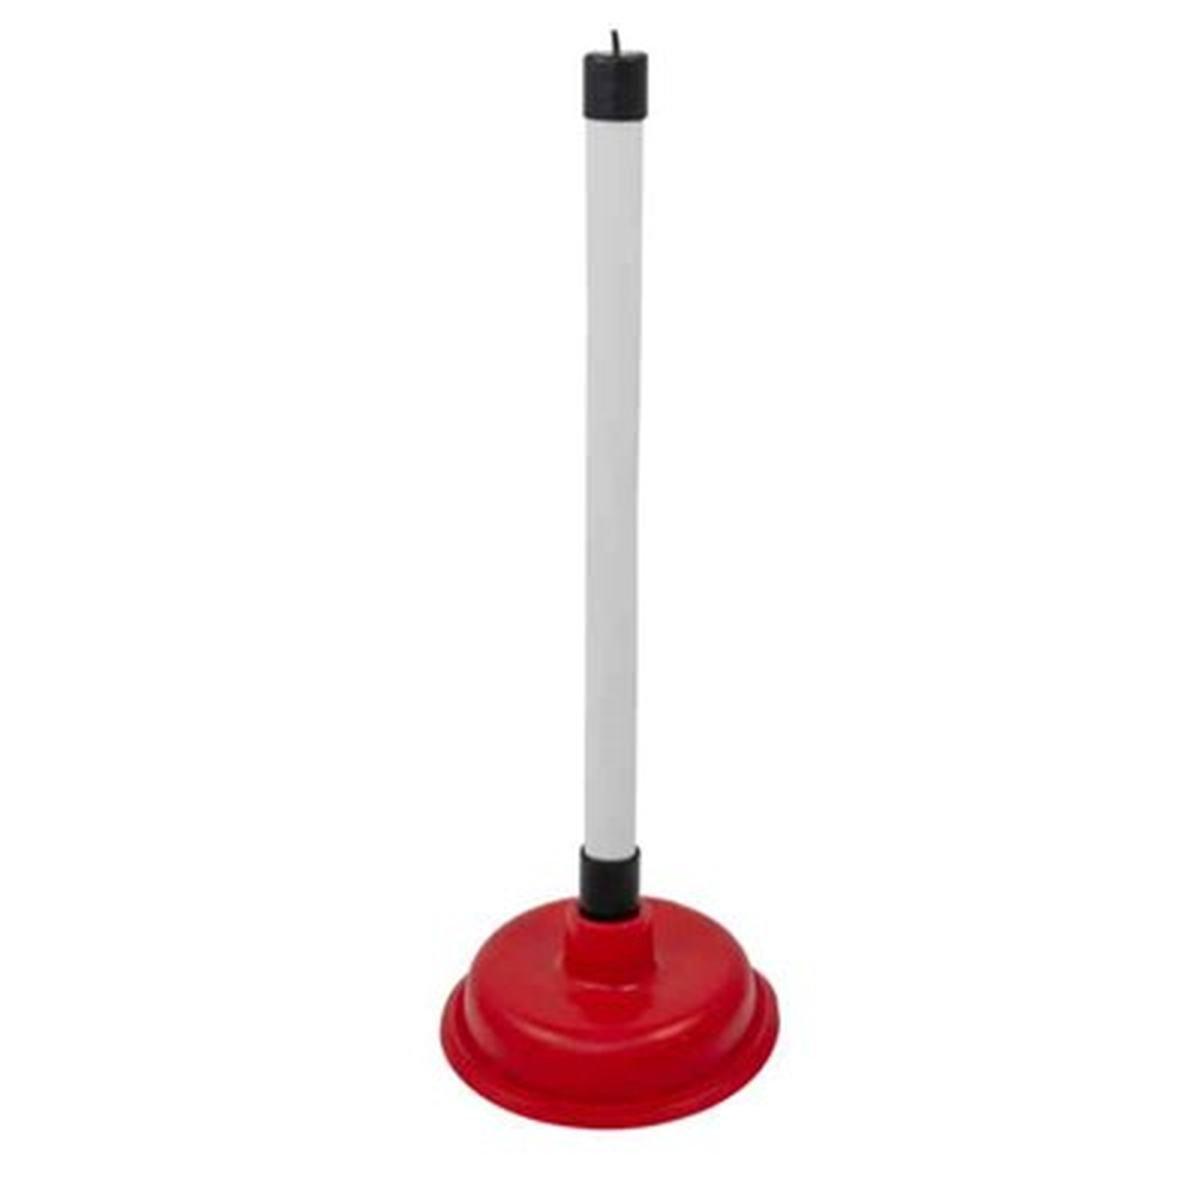 Gummisuger med skaft  115mm til toalett - Target